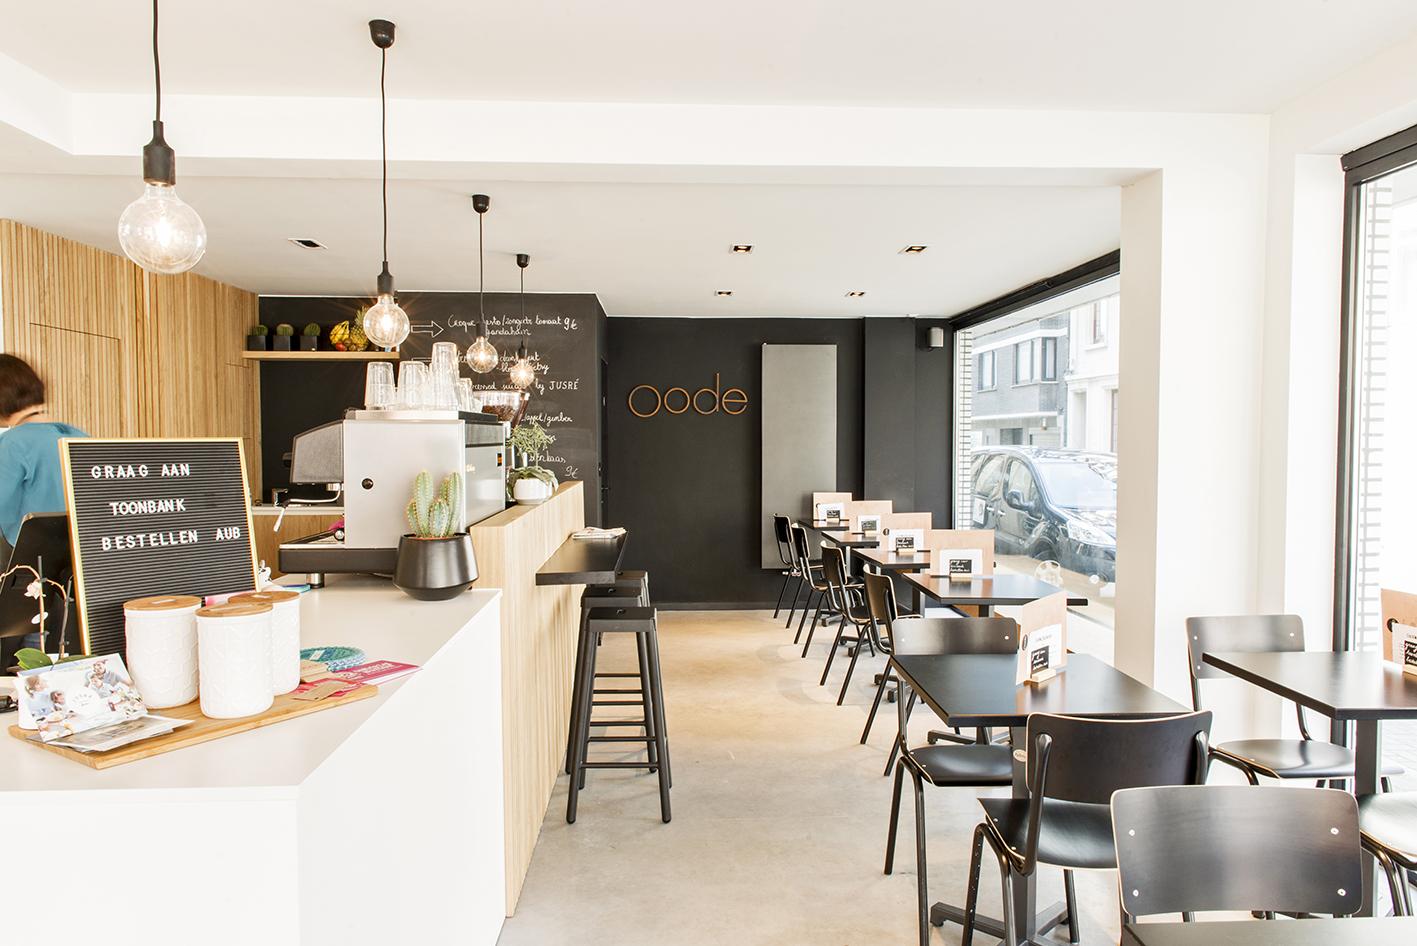 koffiebar Oode in Oostende